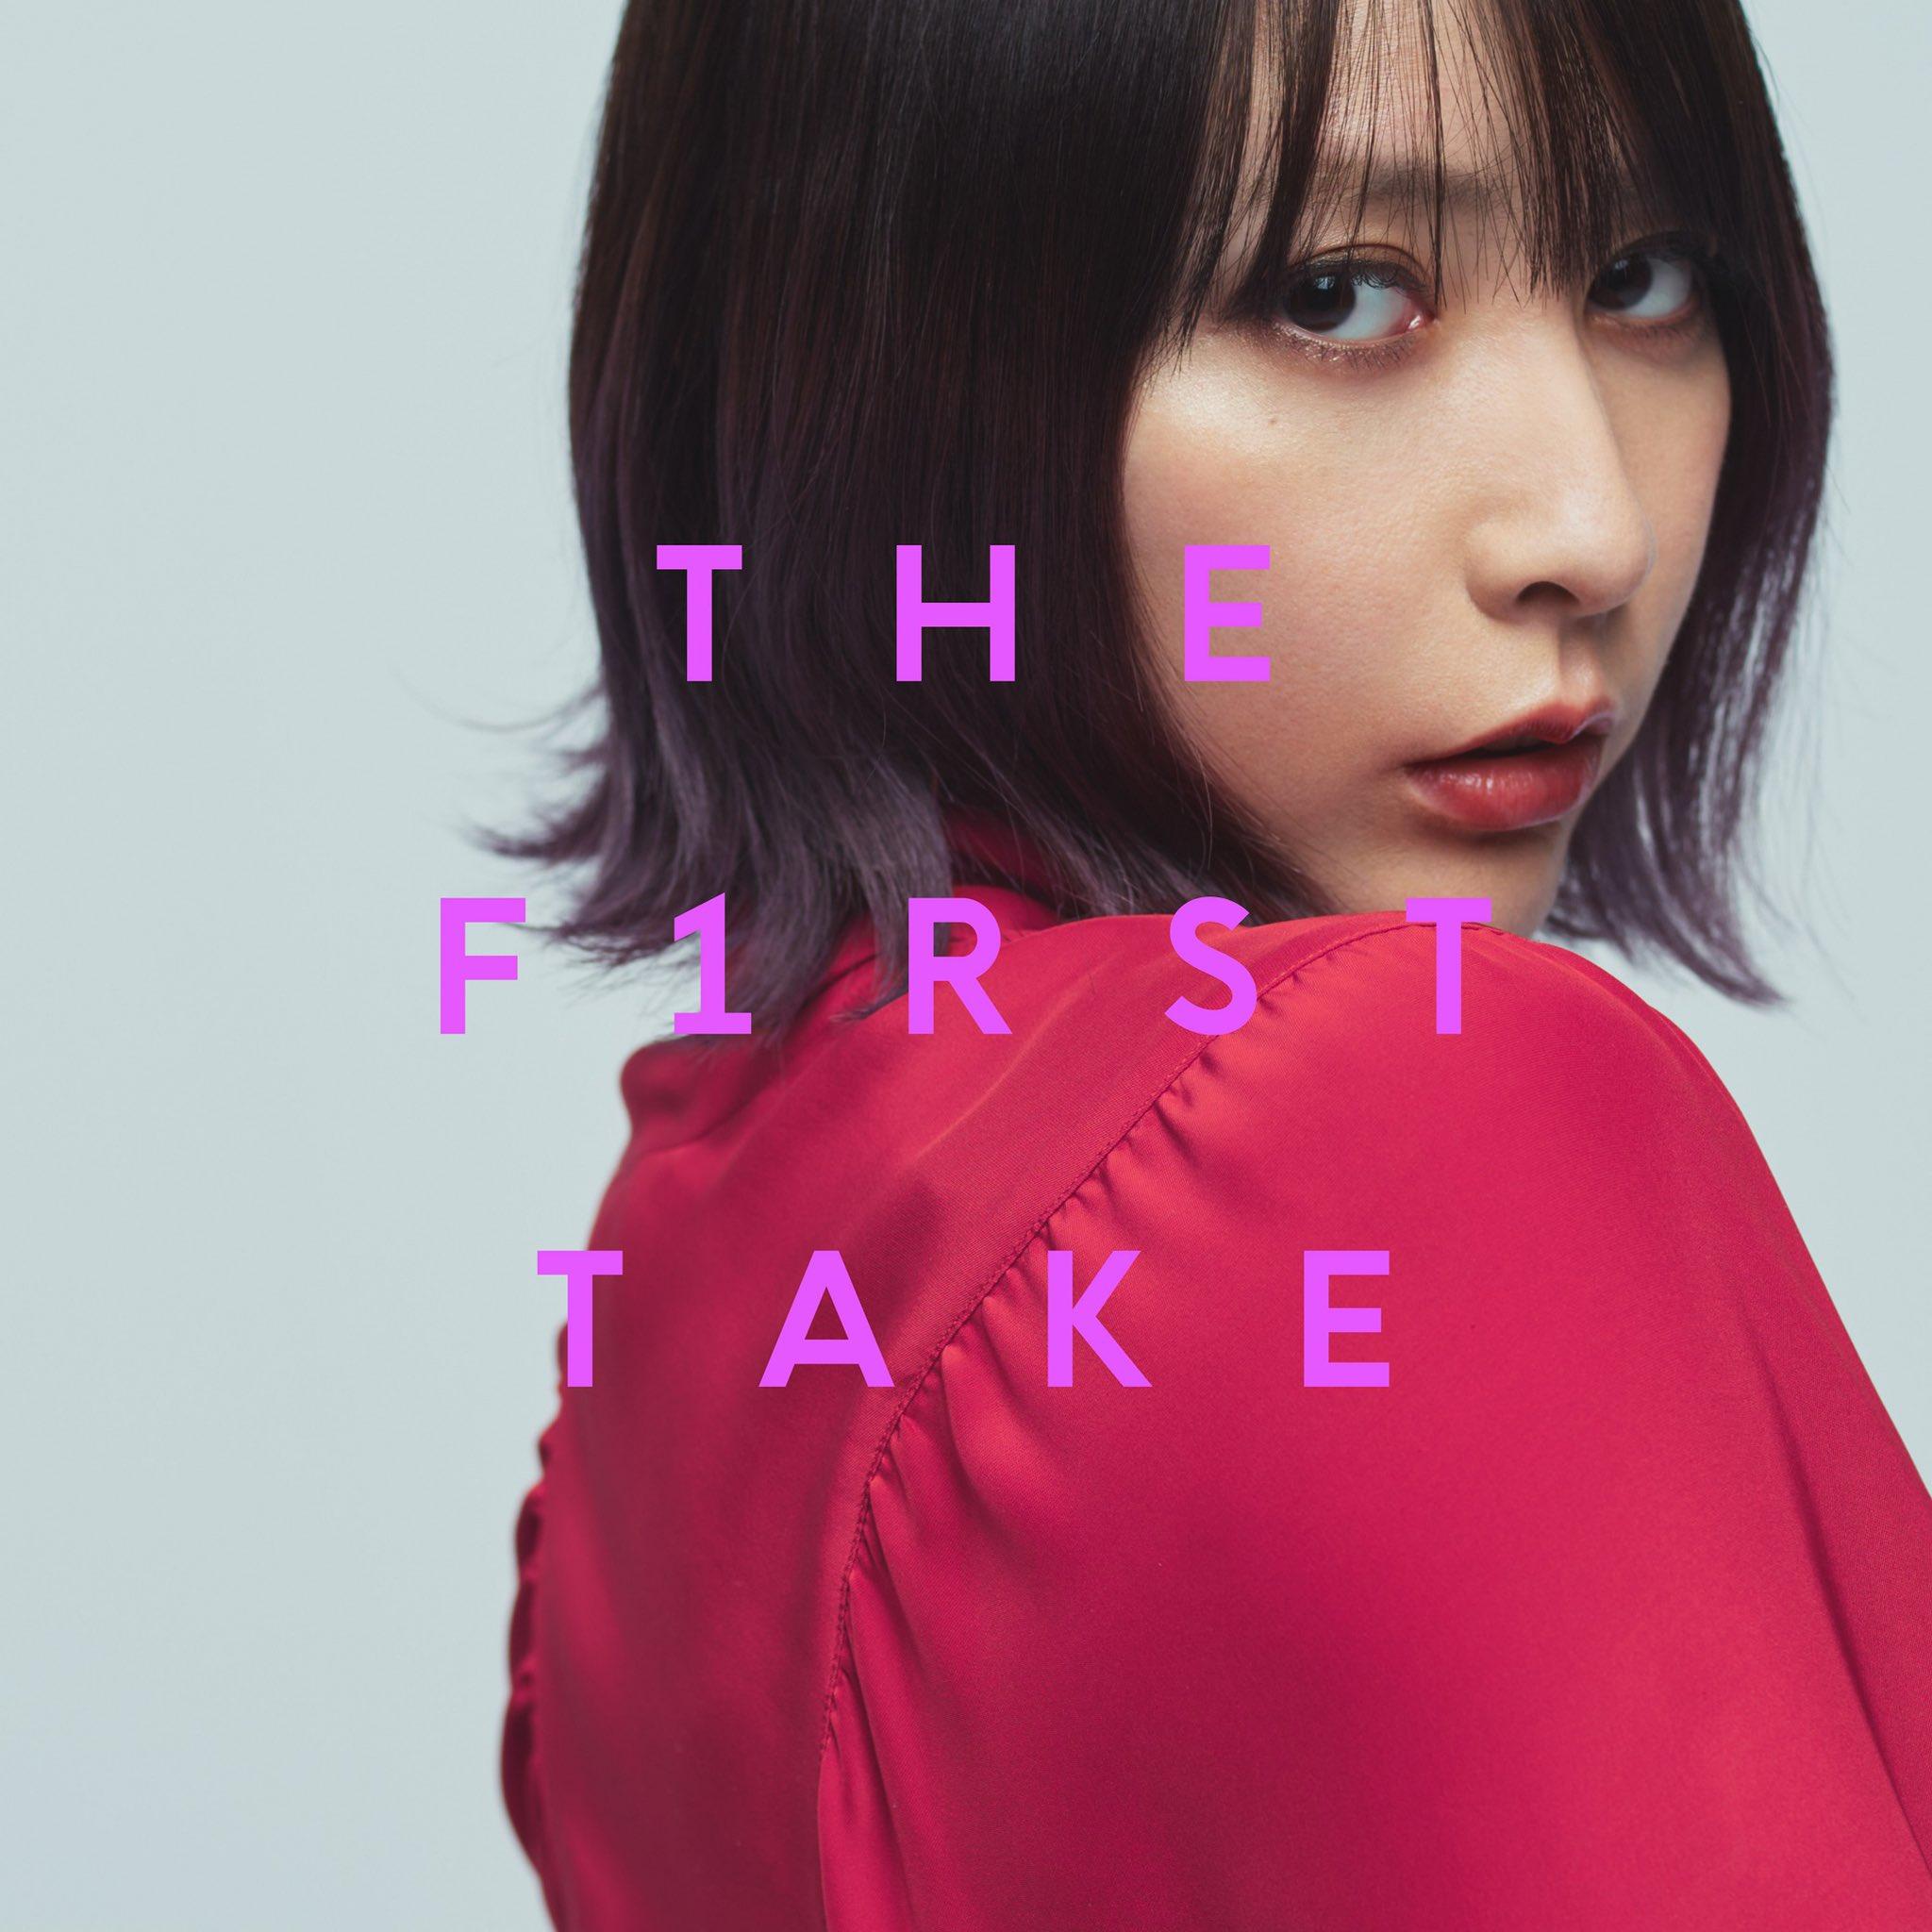 Eir Aoi - IGNITE [THE FIRST TAKE] [2020.12.25+MP3+RAR]